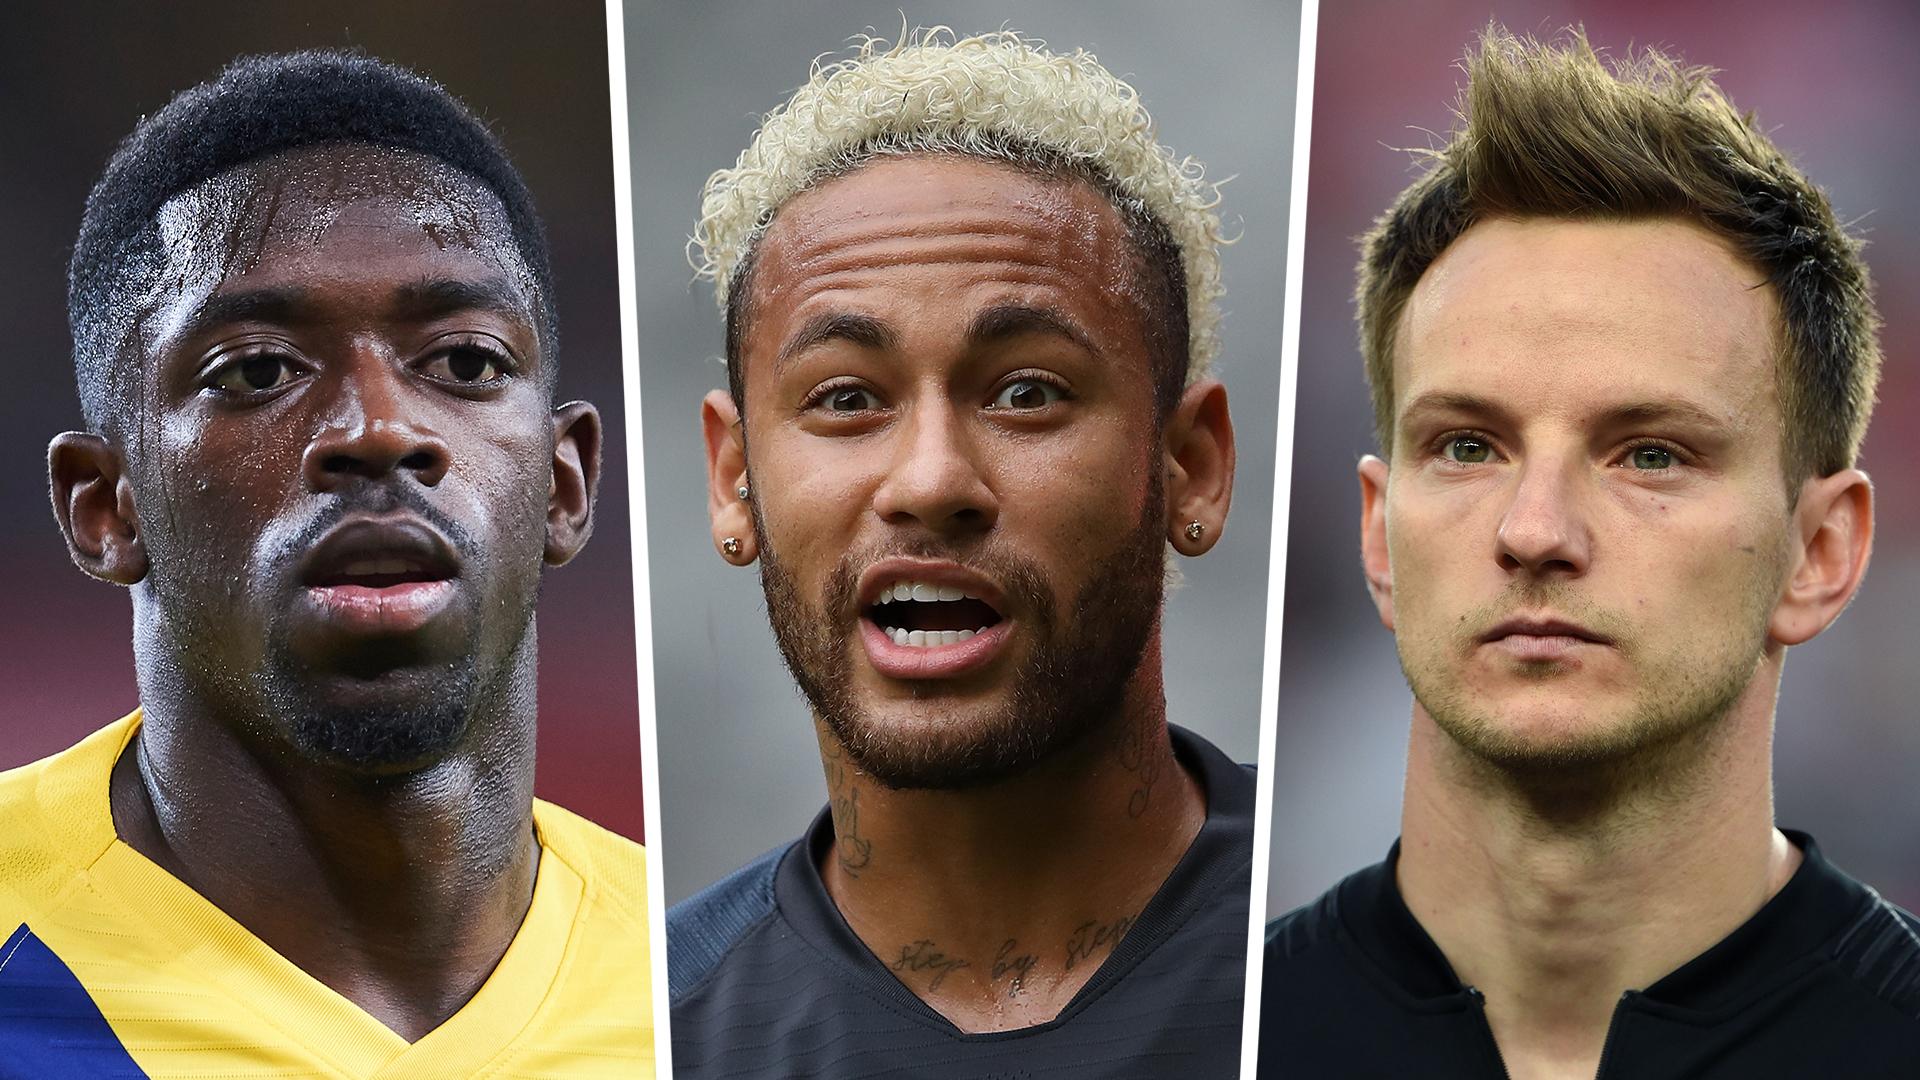 Mercato - PSG : Neymar contre 130 millions d'euros, Dembélé et Rakitic, le Barça ferait la meilleure affaire selon vous